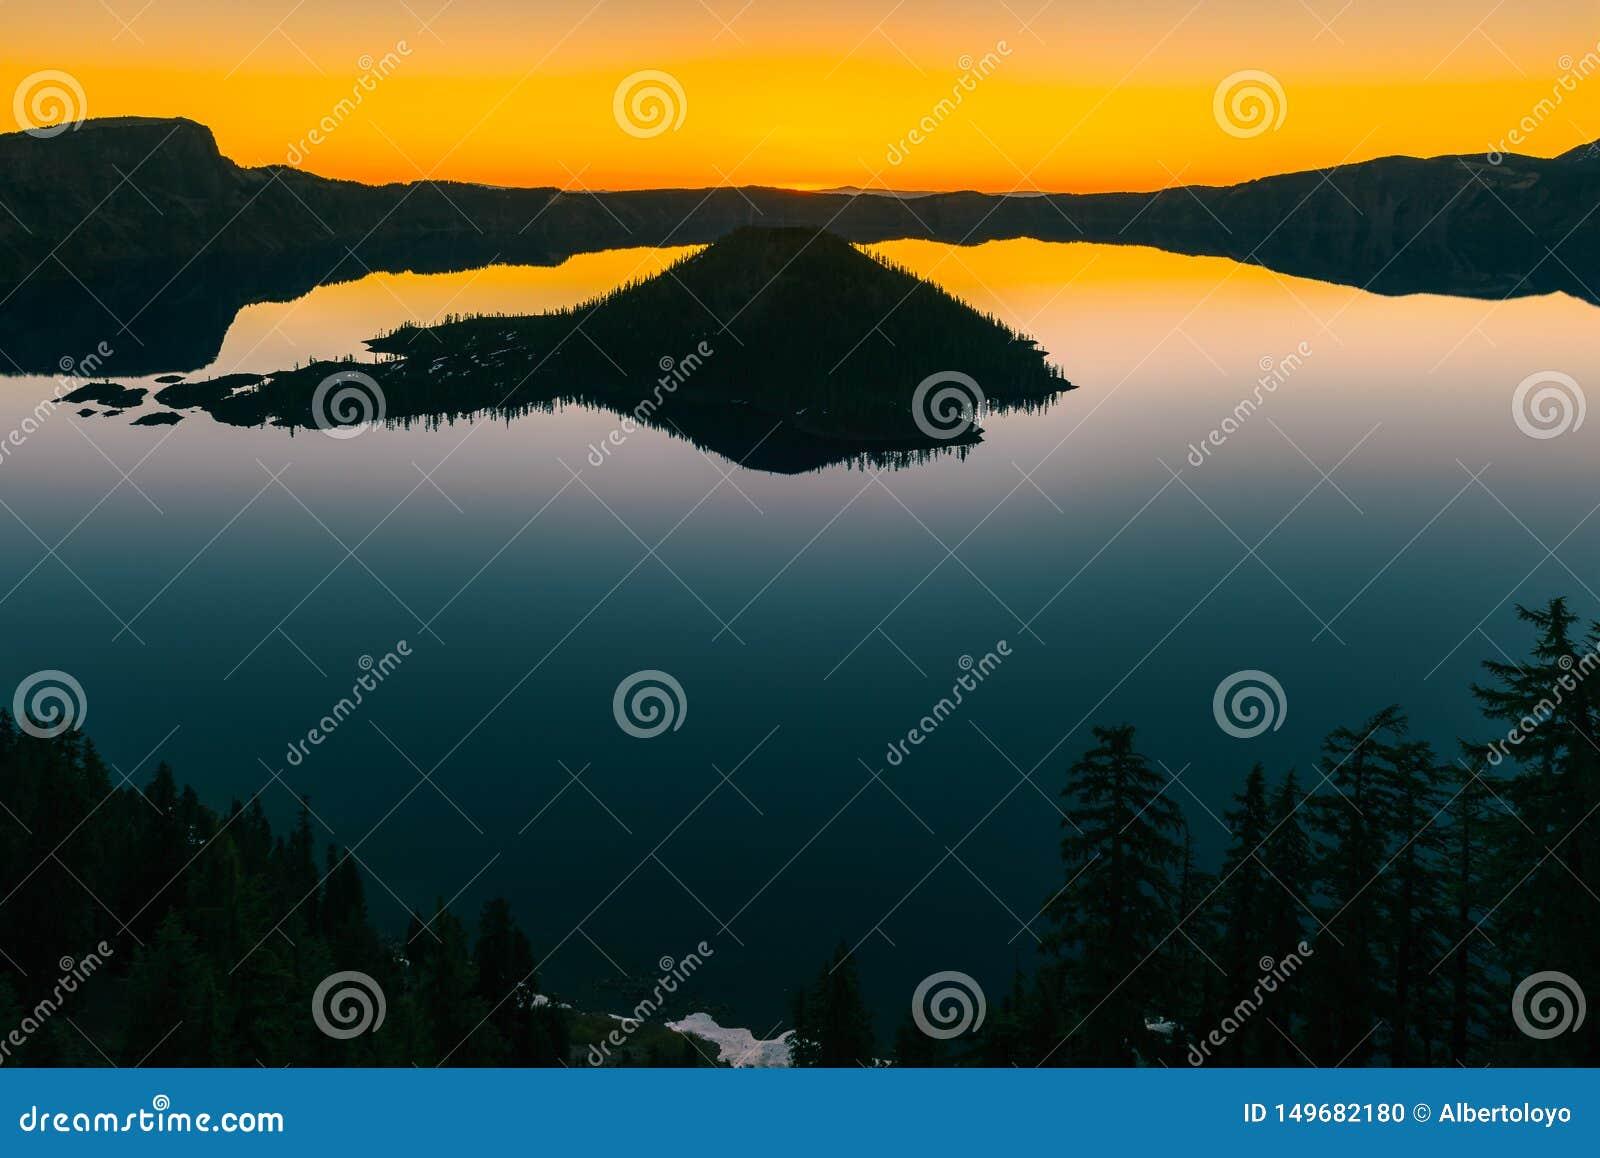 Национальный парк озера кратер, Орегон, США